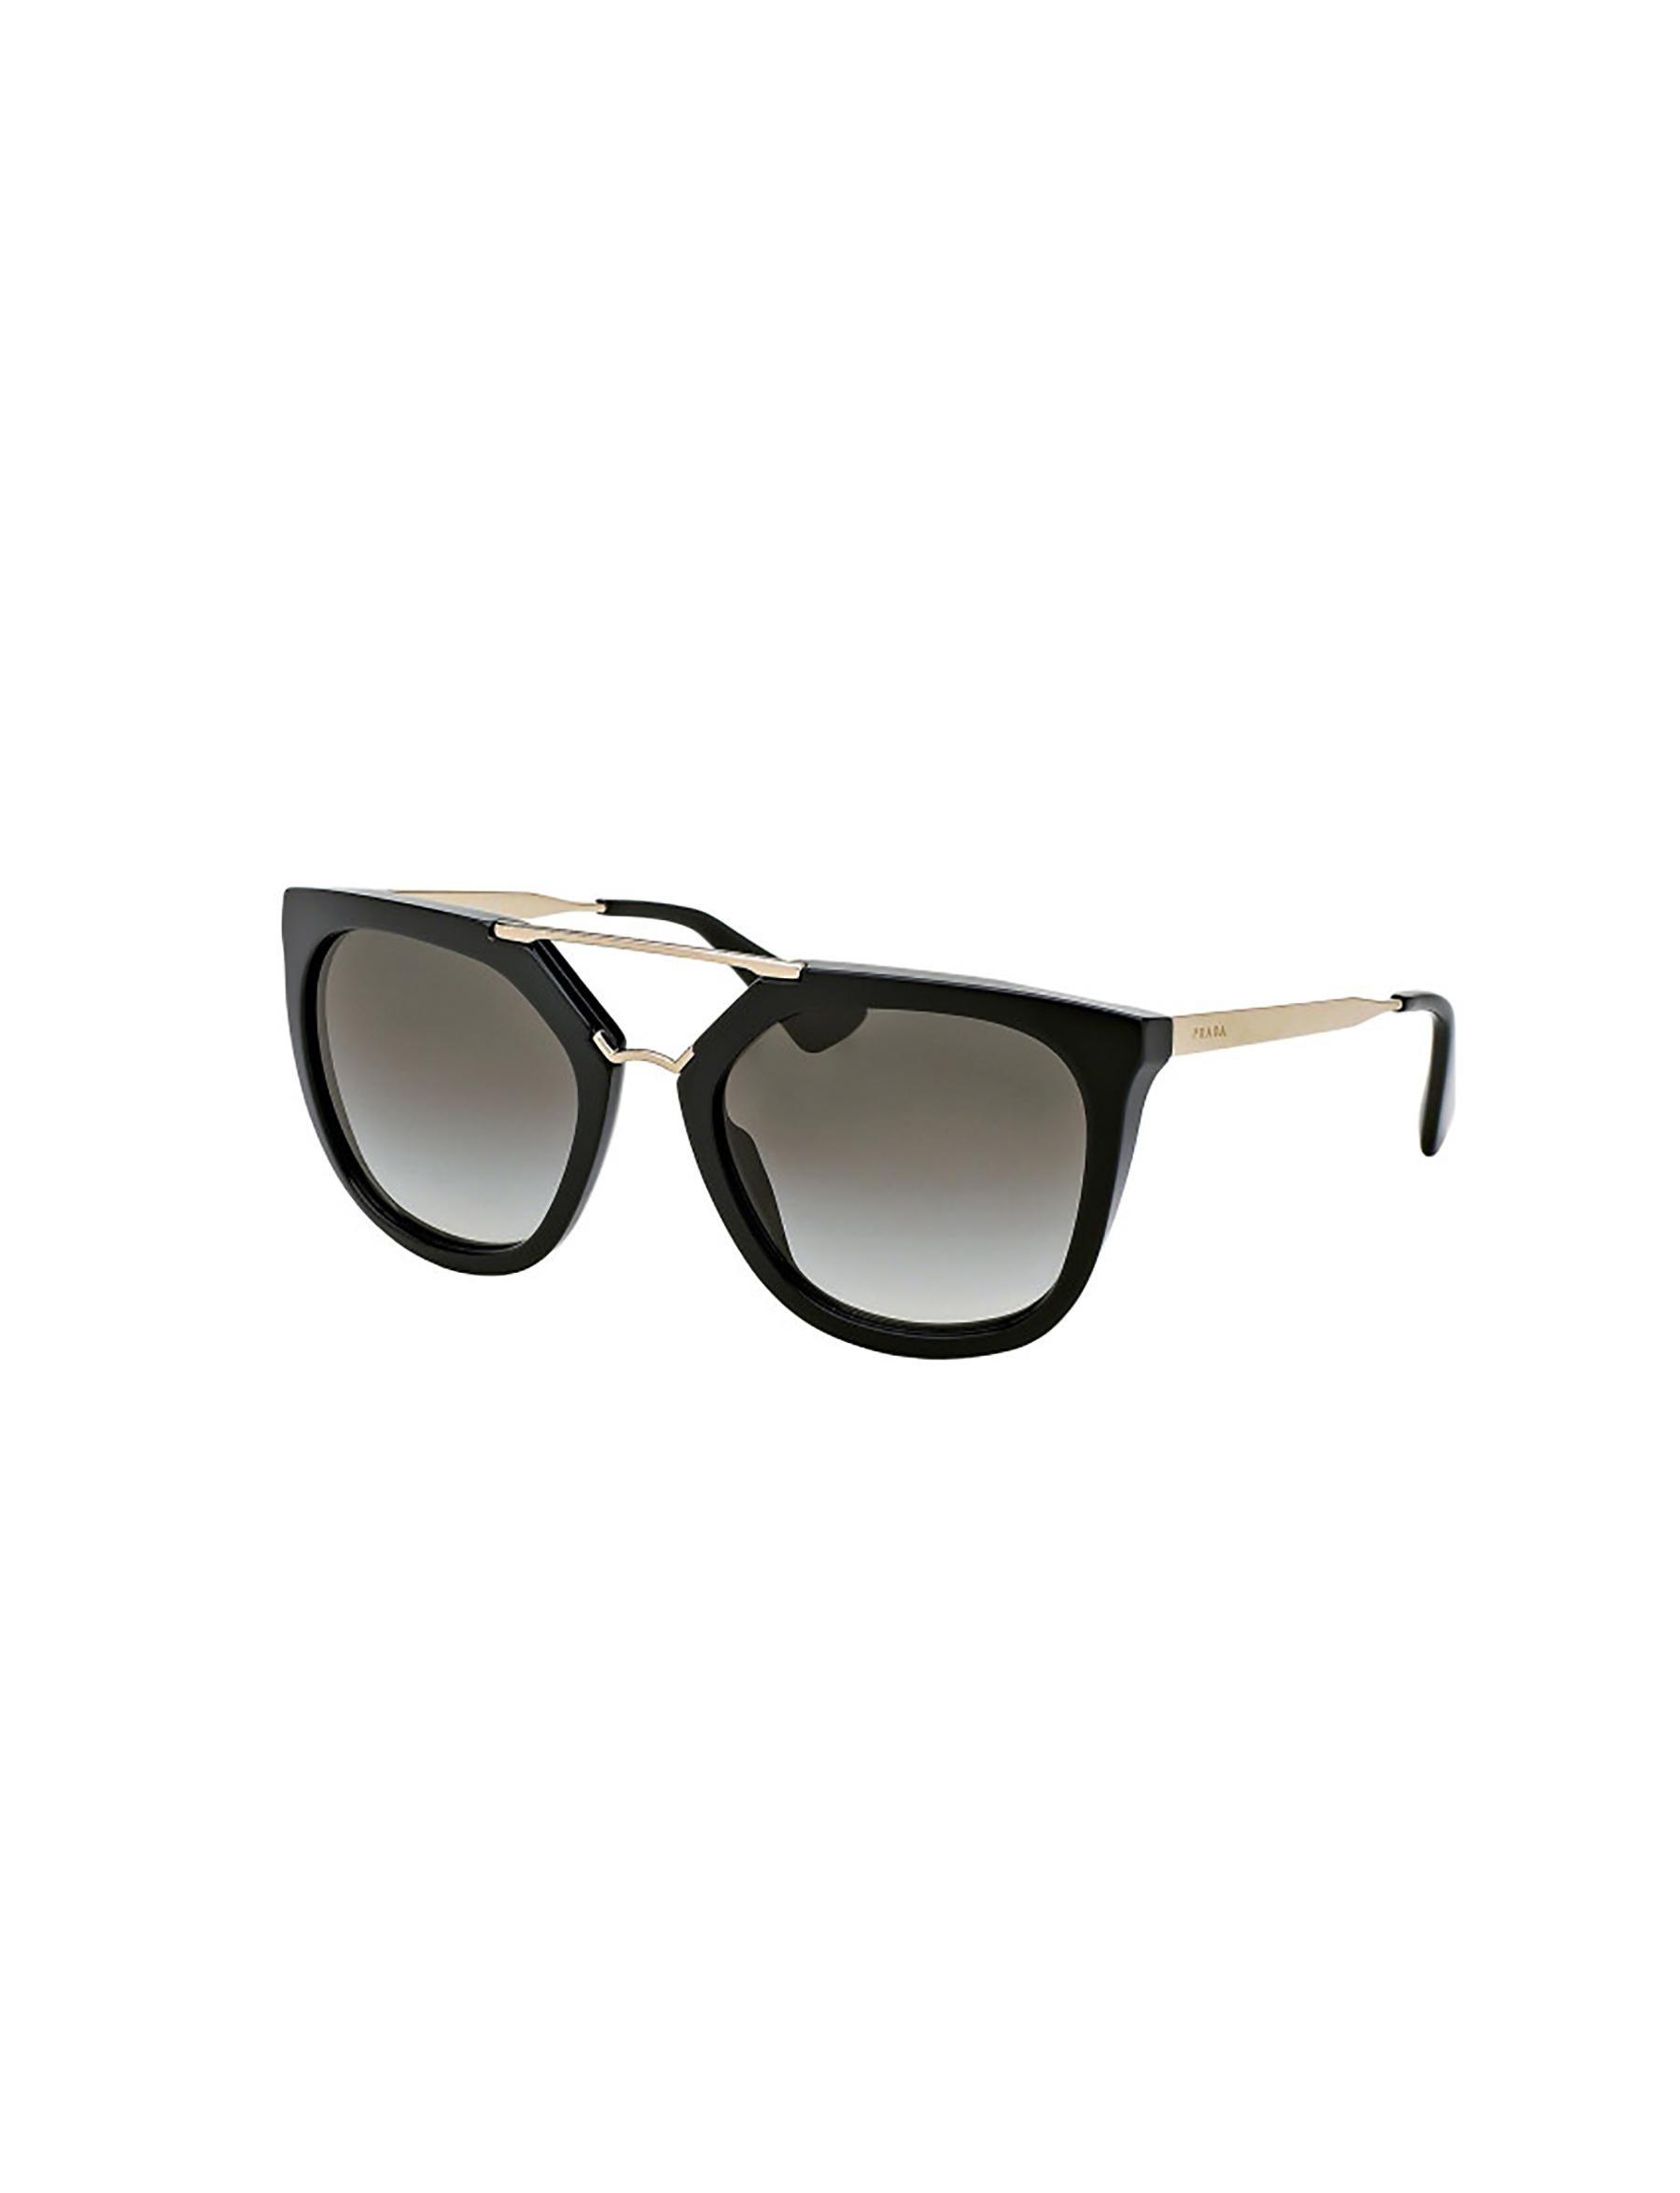 Prada Round Women's Sunglasses